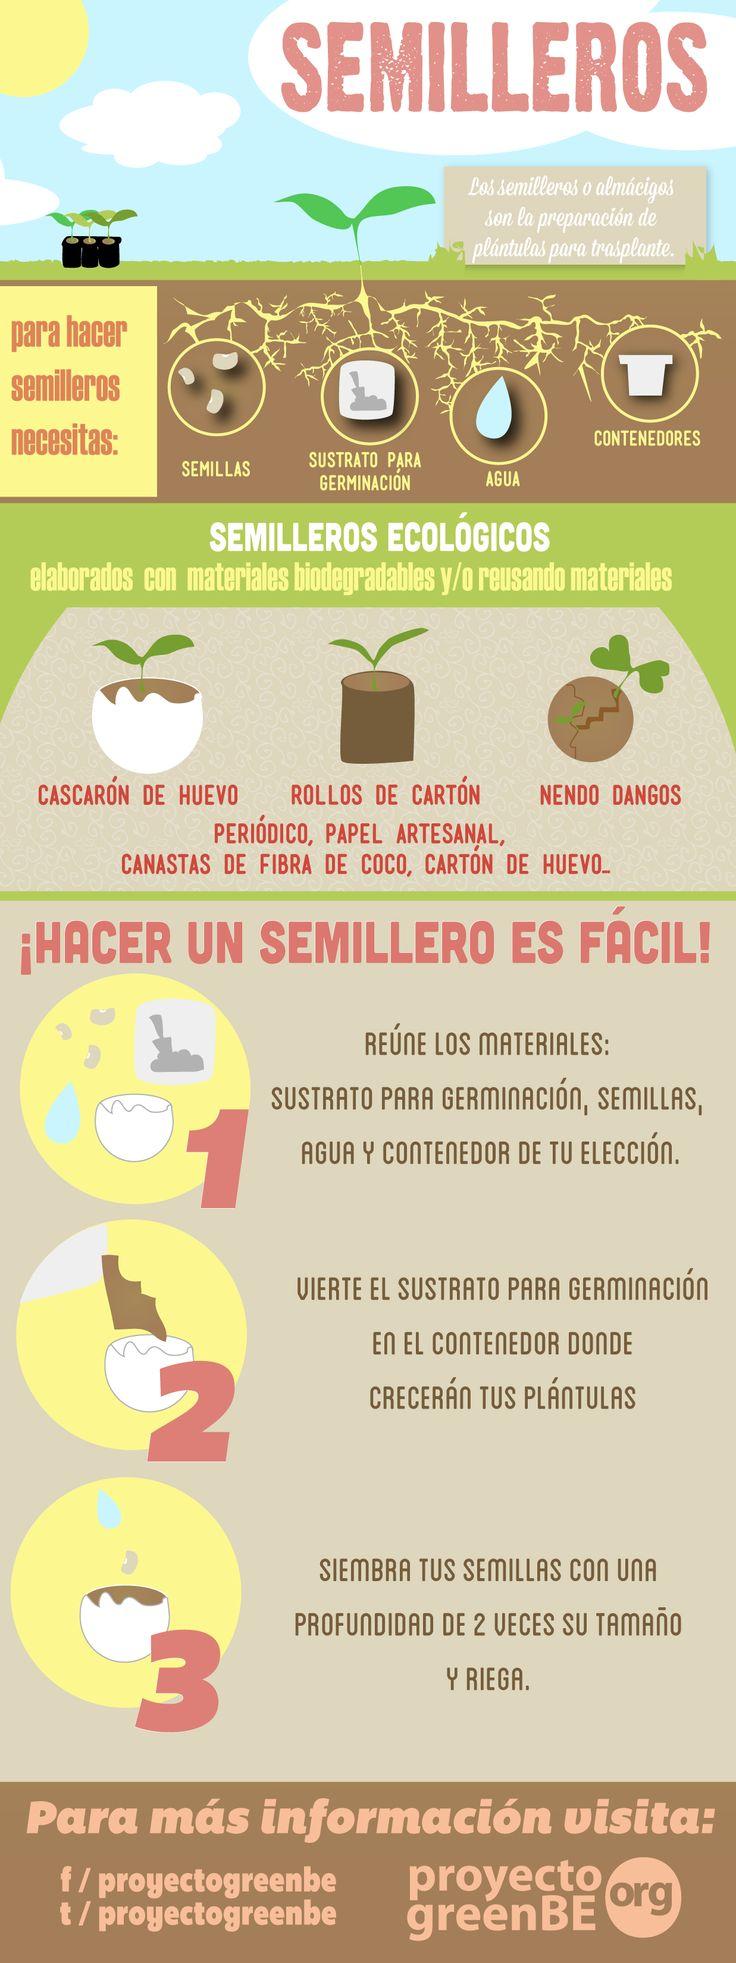 ¿Sabes cómo elaborar semilleros? Da click en el post para ver la explicación sencilla del infográfico: semilleros!